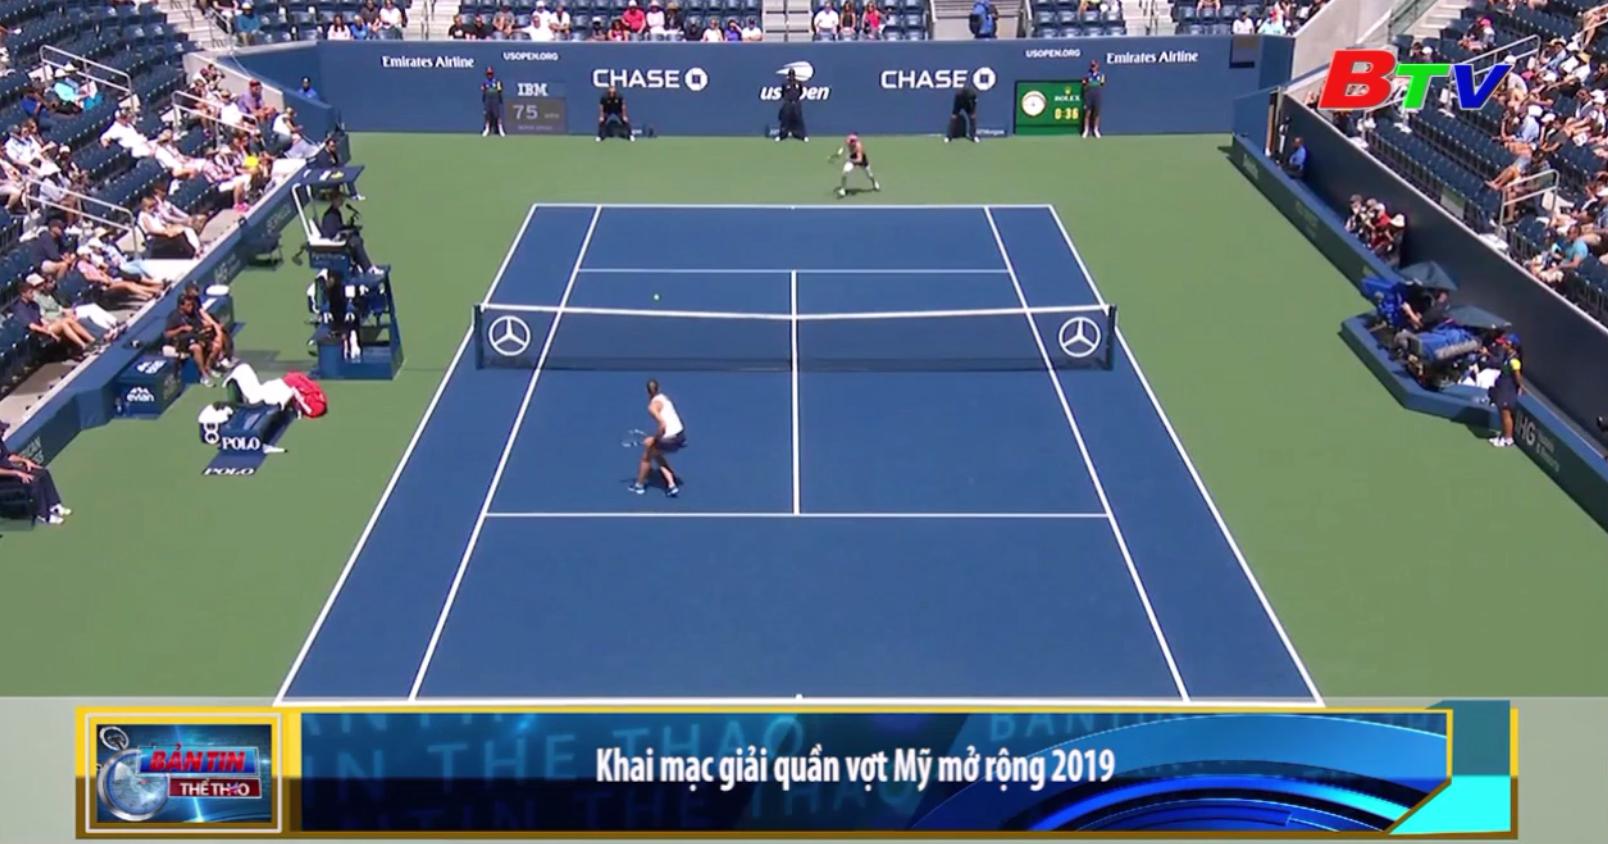 Khai mạc Giải quần vợt Mỹ mở rộng 2019